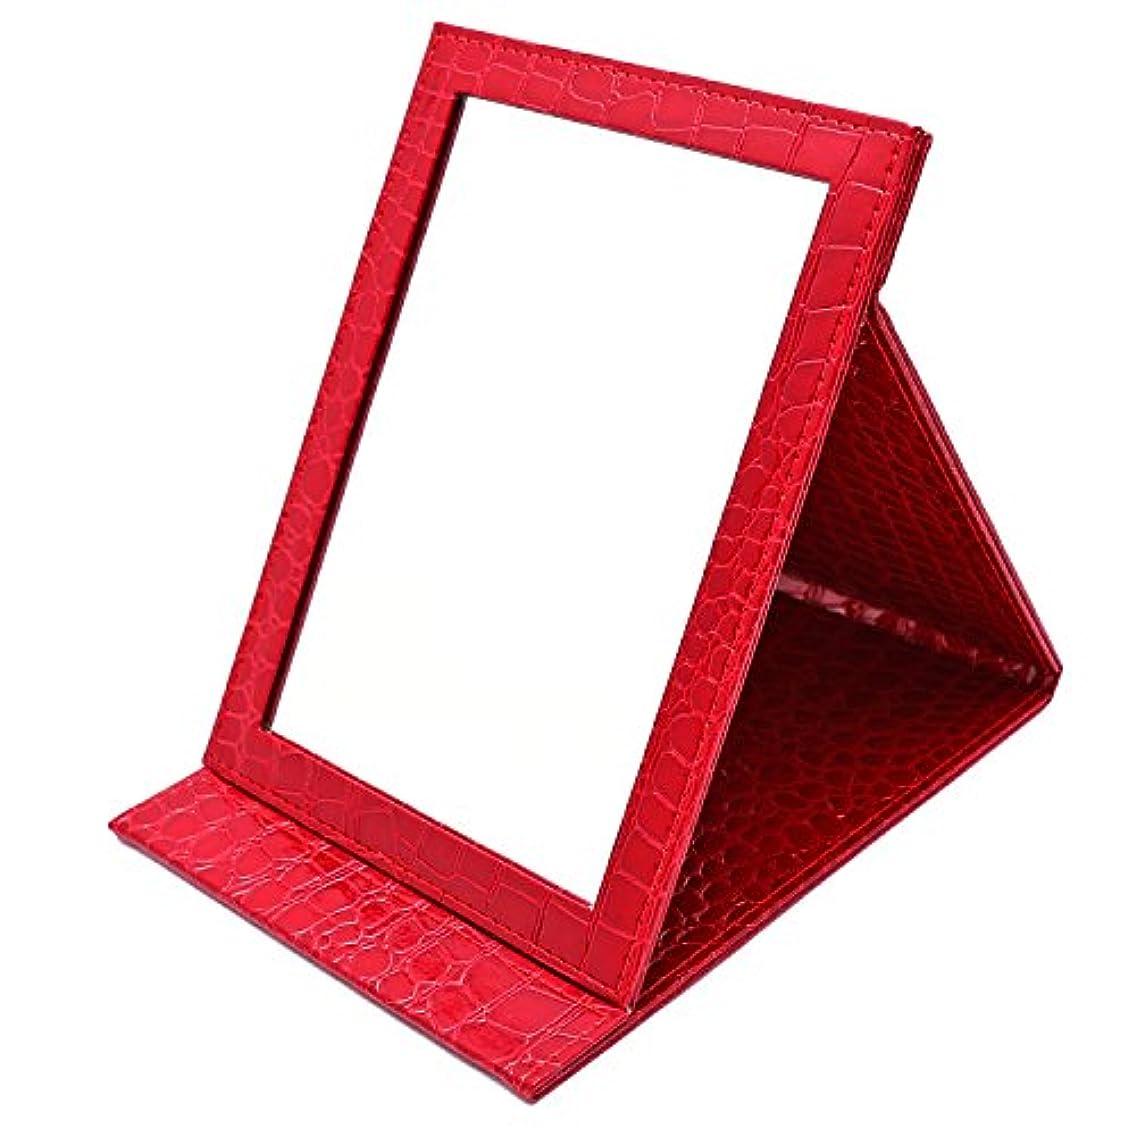 素晴らしい徴収オーバーコートnakira 大きめ 折りたたみミラー 携帯 鏡 エナメル調 クロコ柄 (レッド)